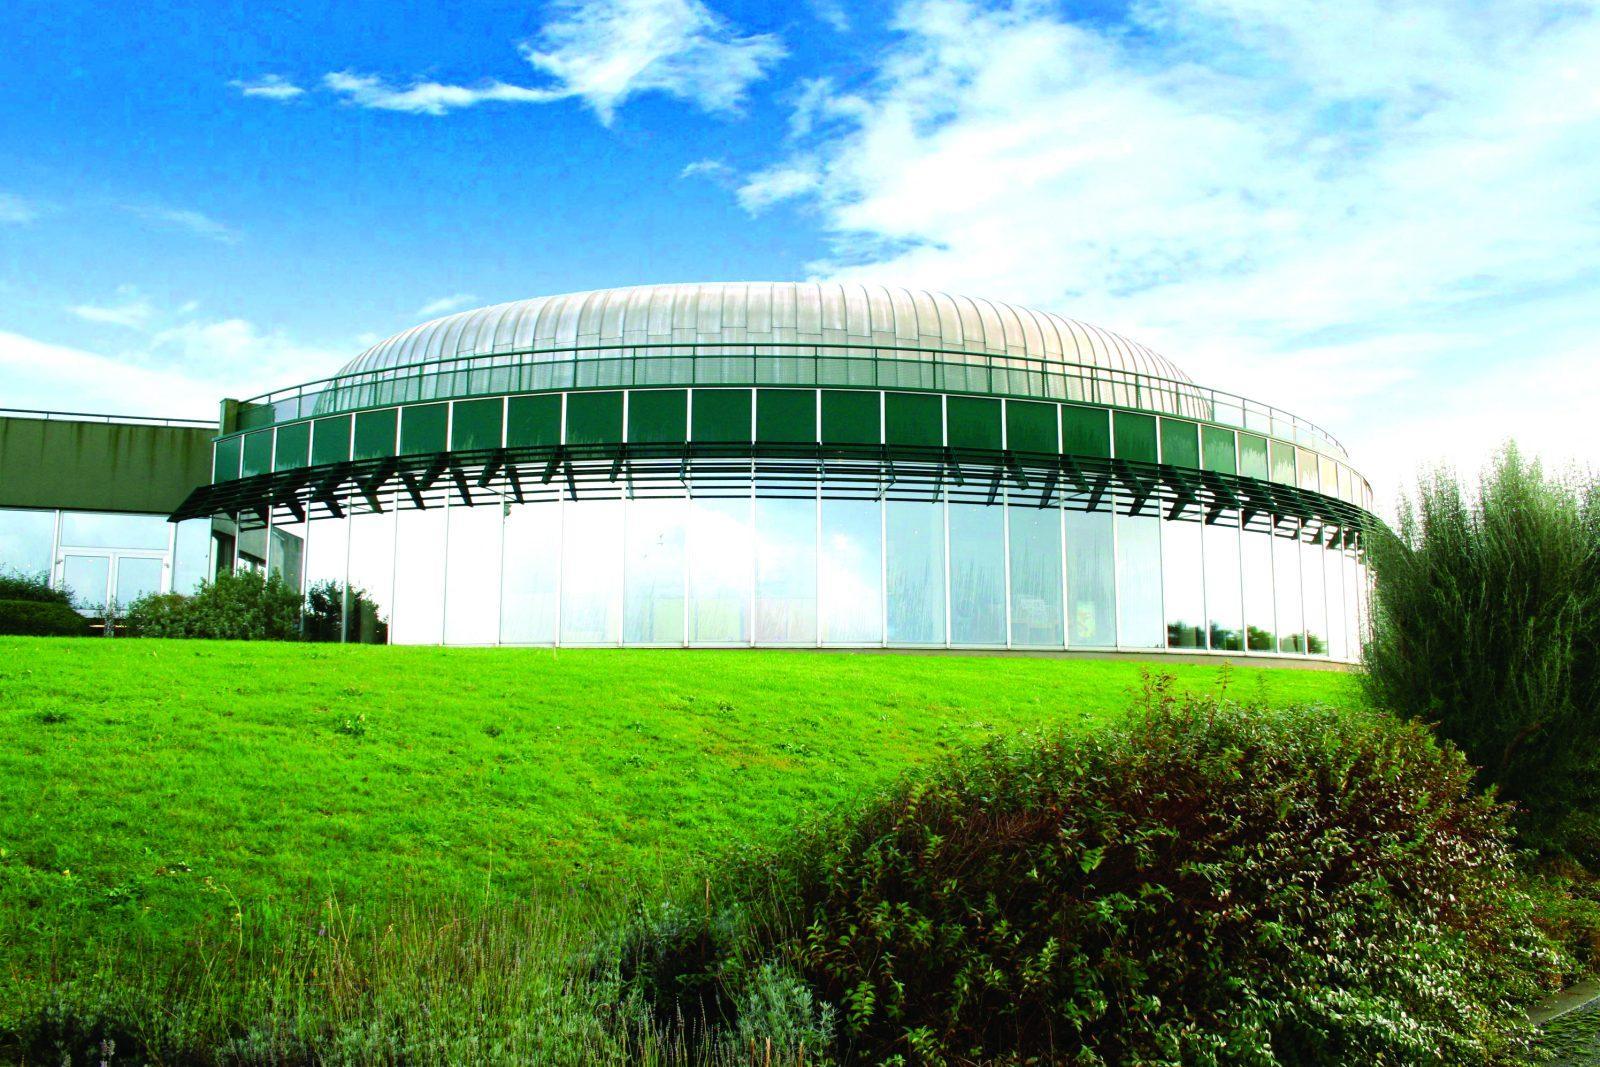 Arromanches 360 degree cinema